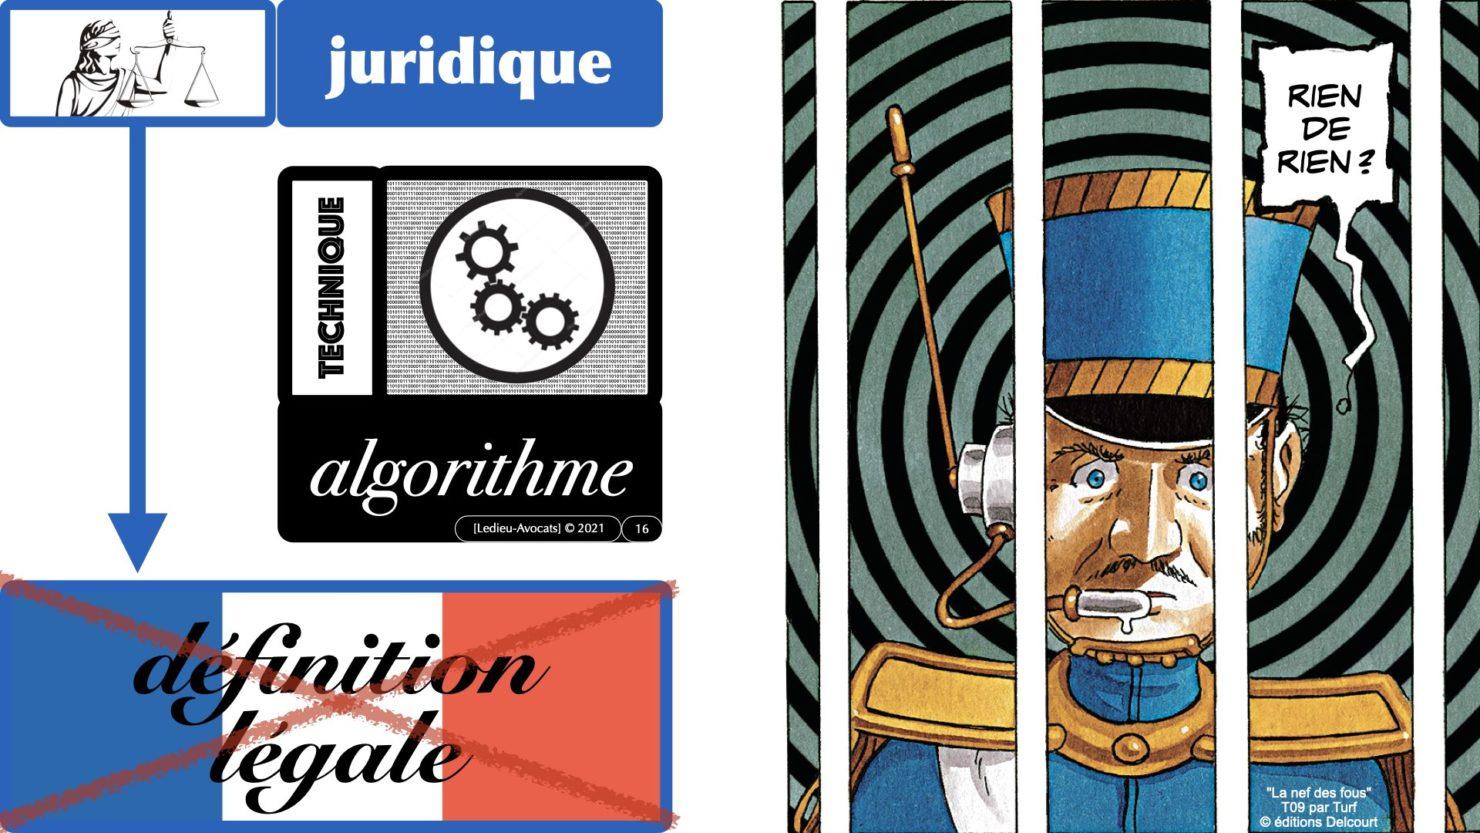 332 ALGORITHME PROTOCOLE protection innovation numérique ©Ledieu-Avocats 19-05-2021.016